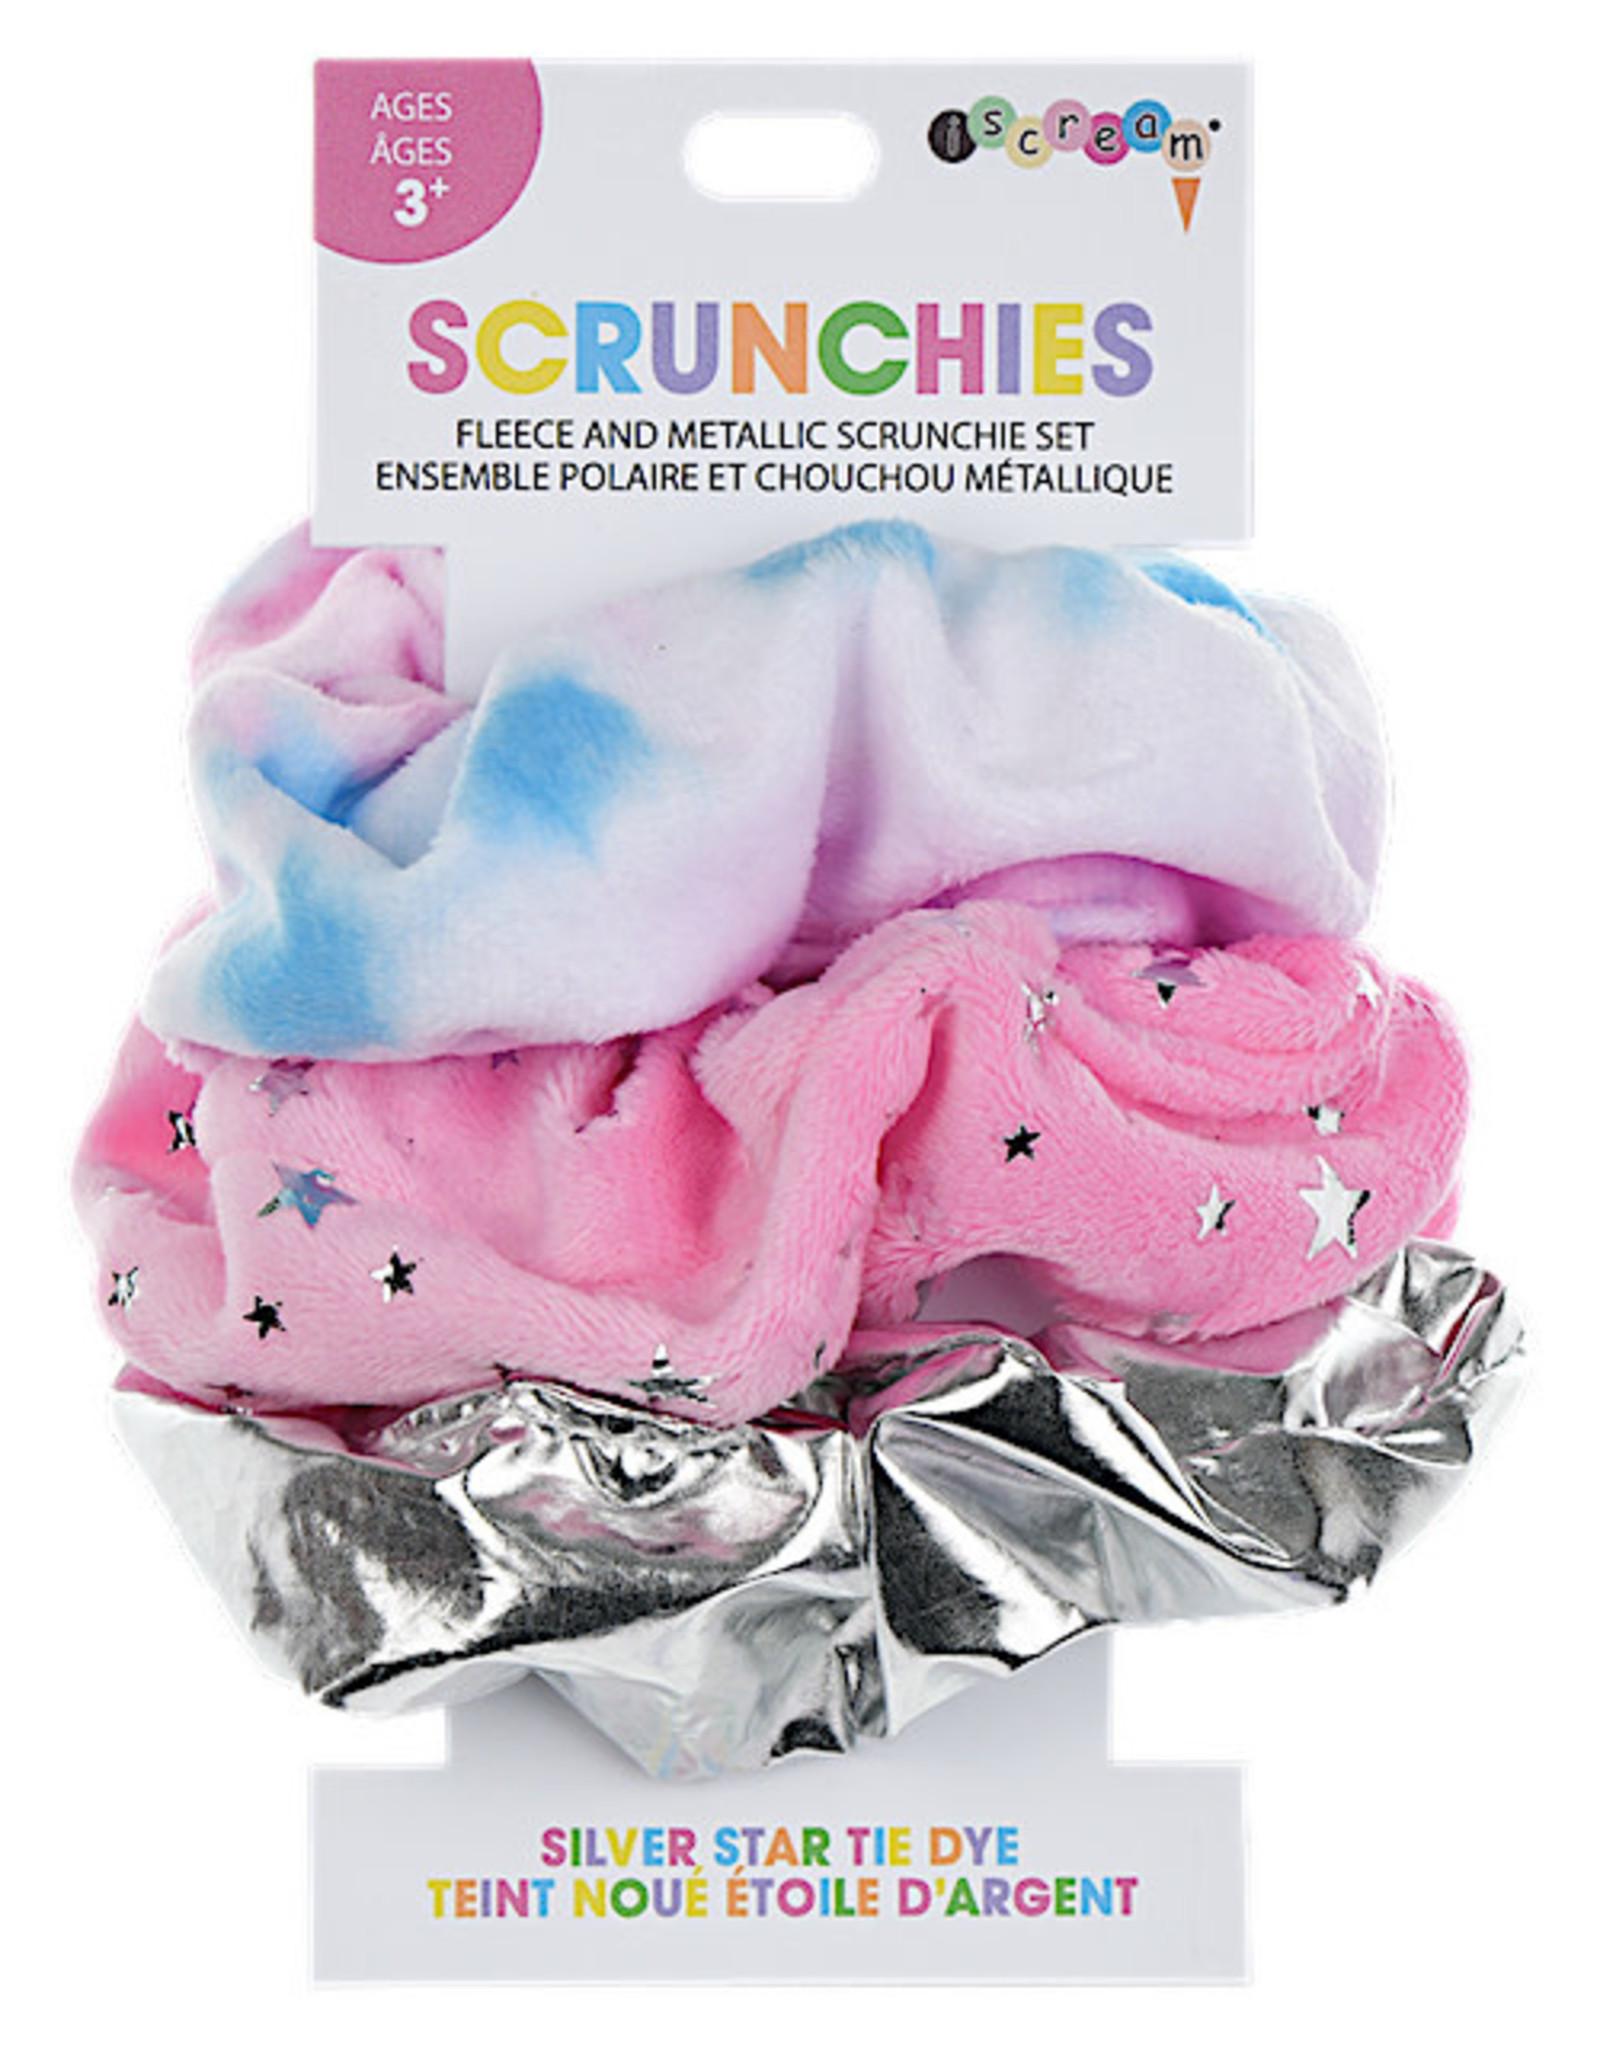 Iscream Silver Star Tie Dye Scrunchie Set